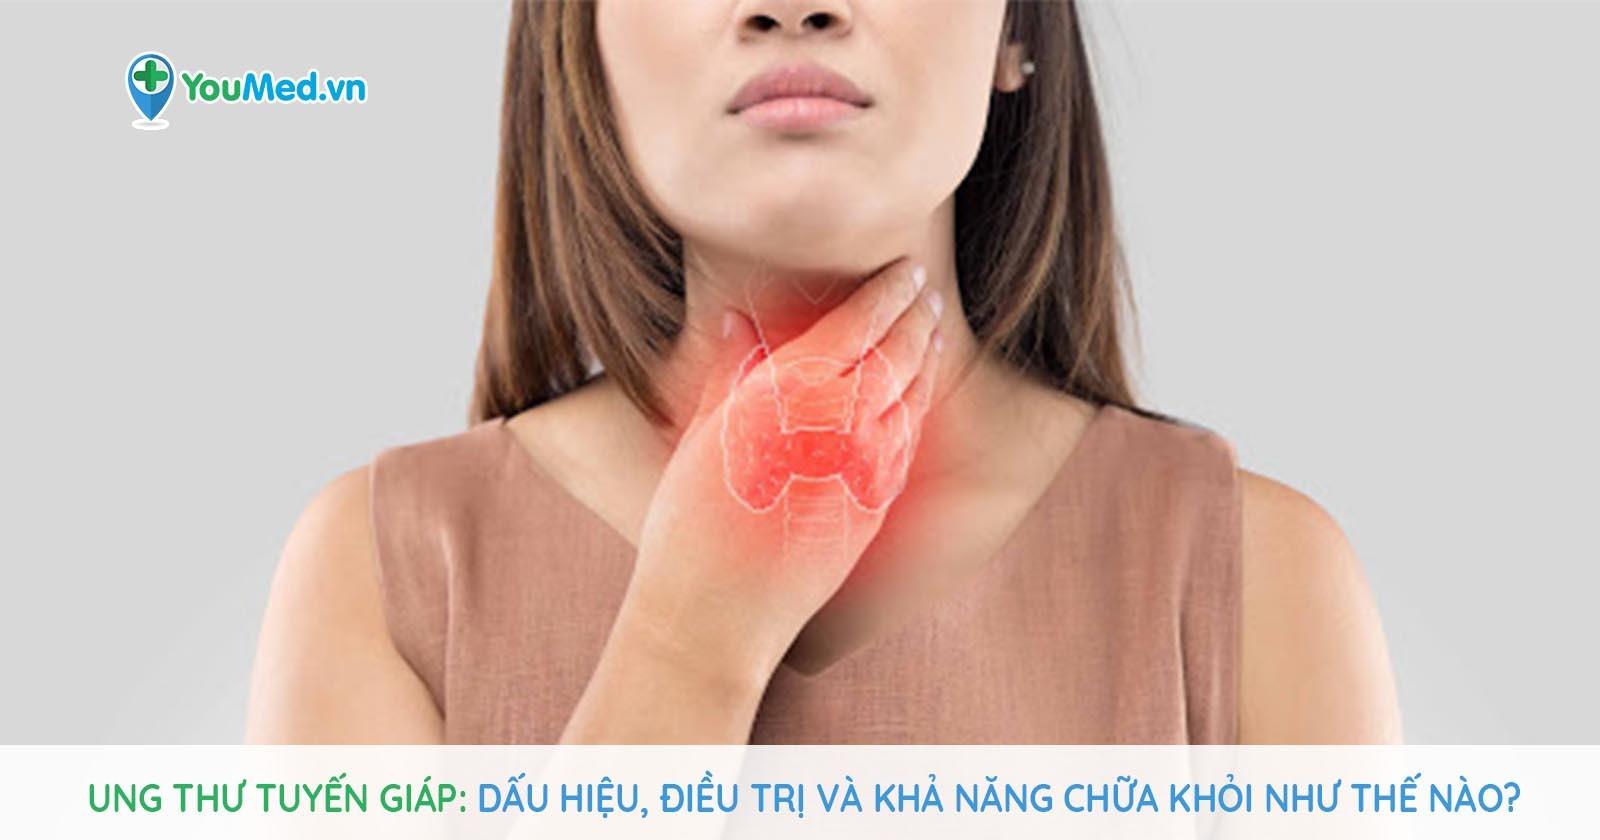 Ung thư tuyến giáp: Dấu hiệu, điều trị và khả năng chữa khỏi như thế nào?